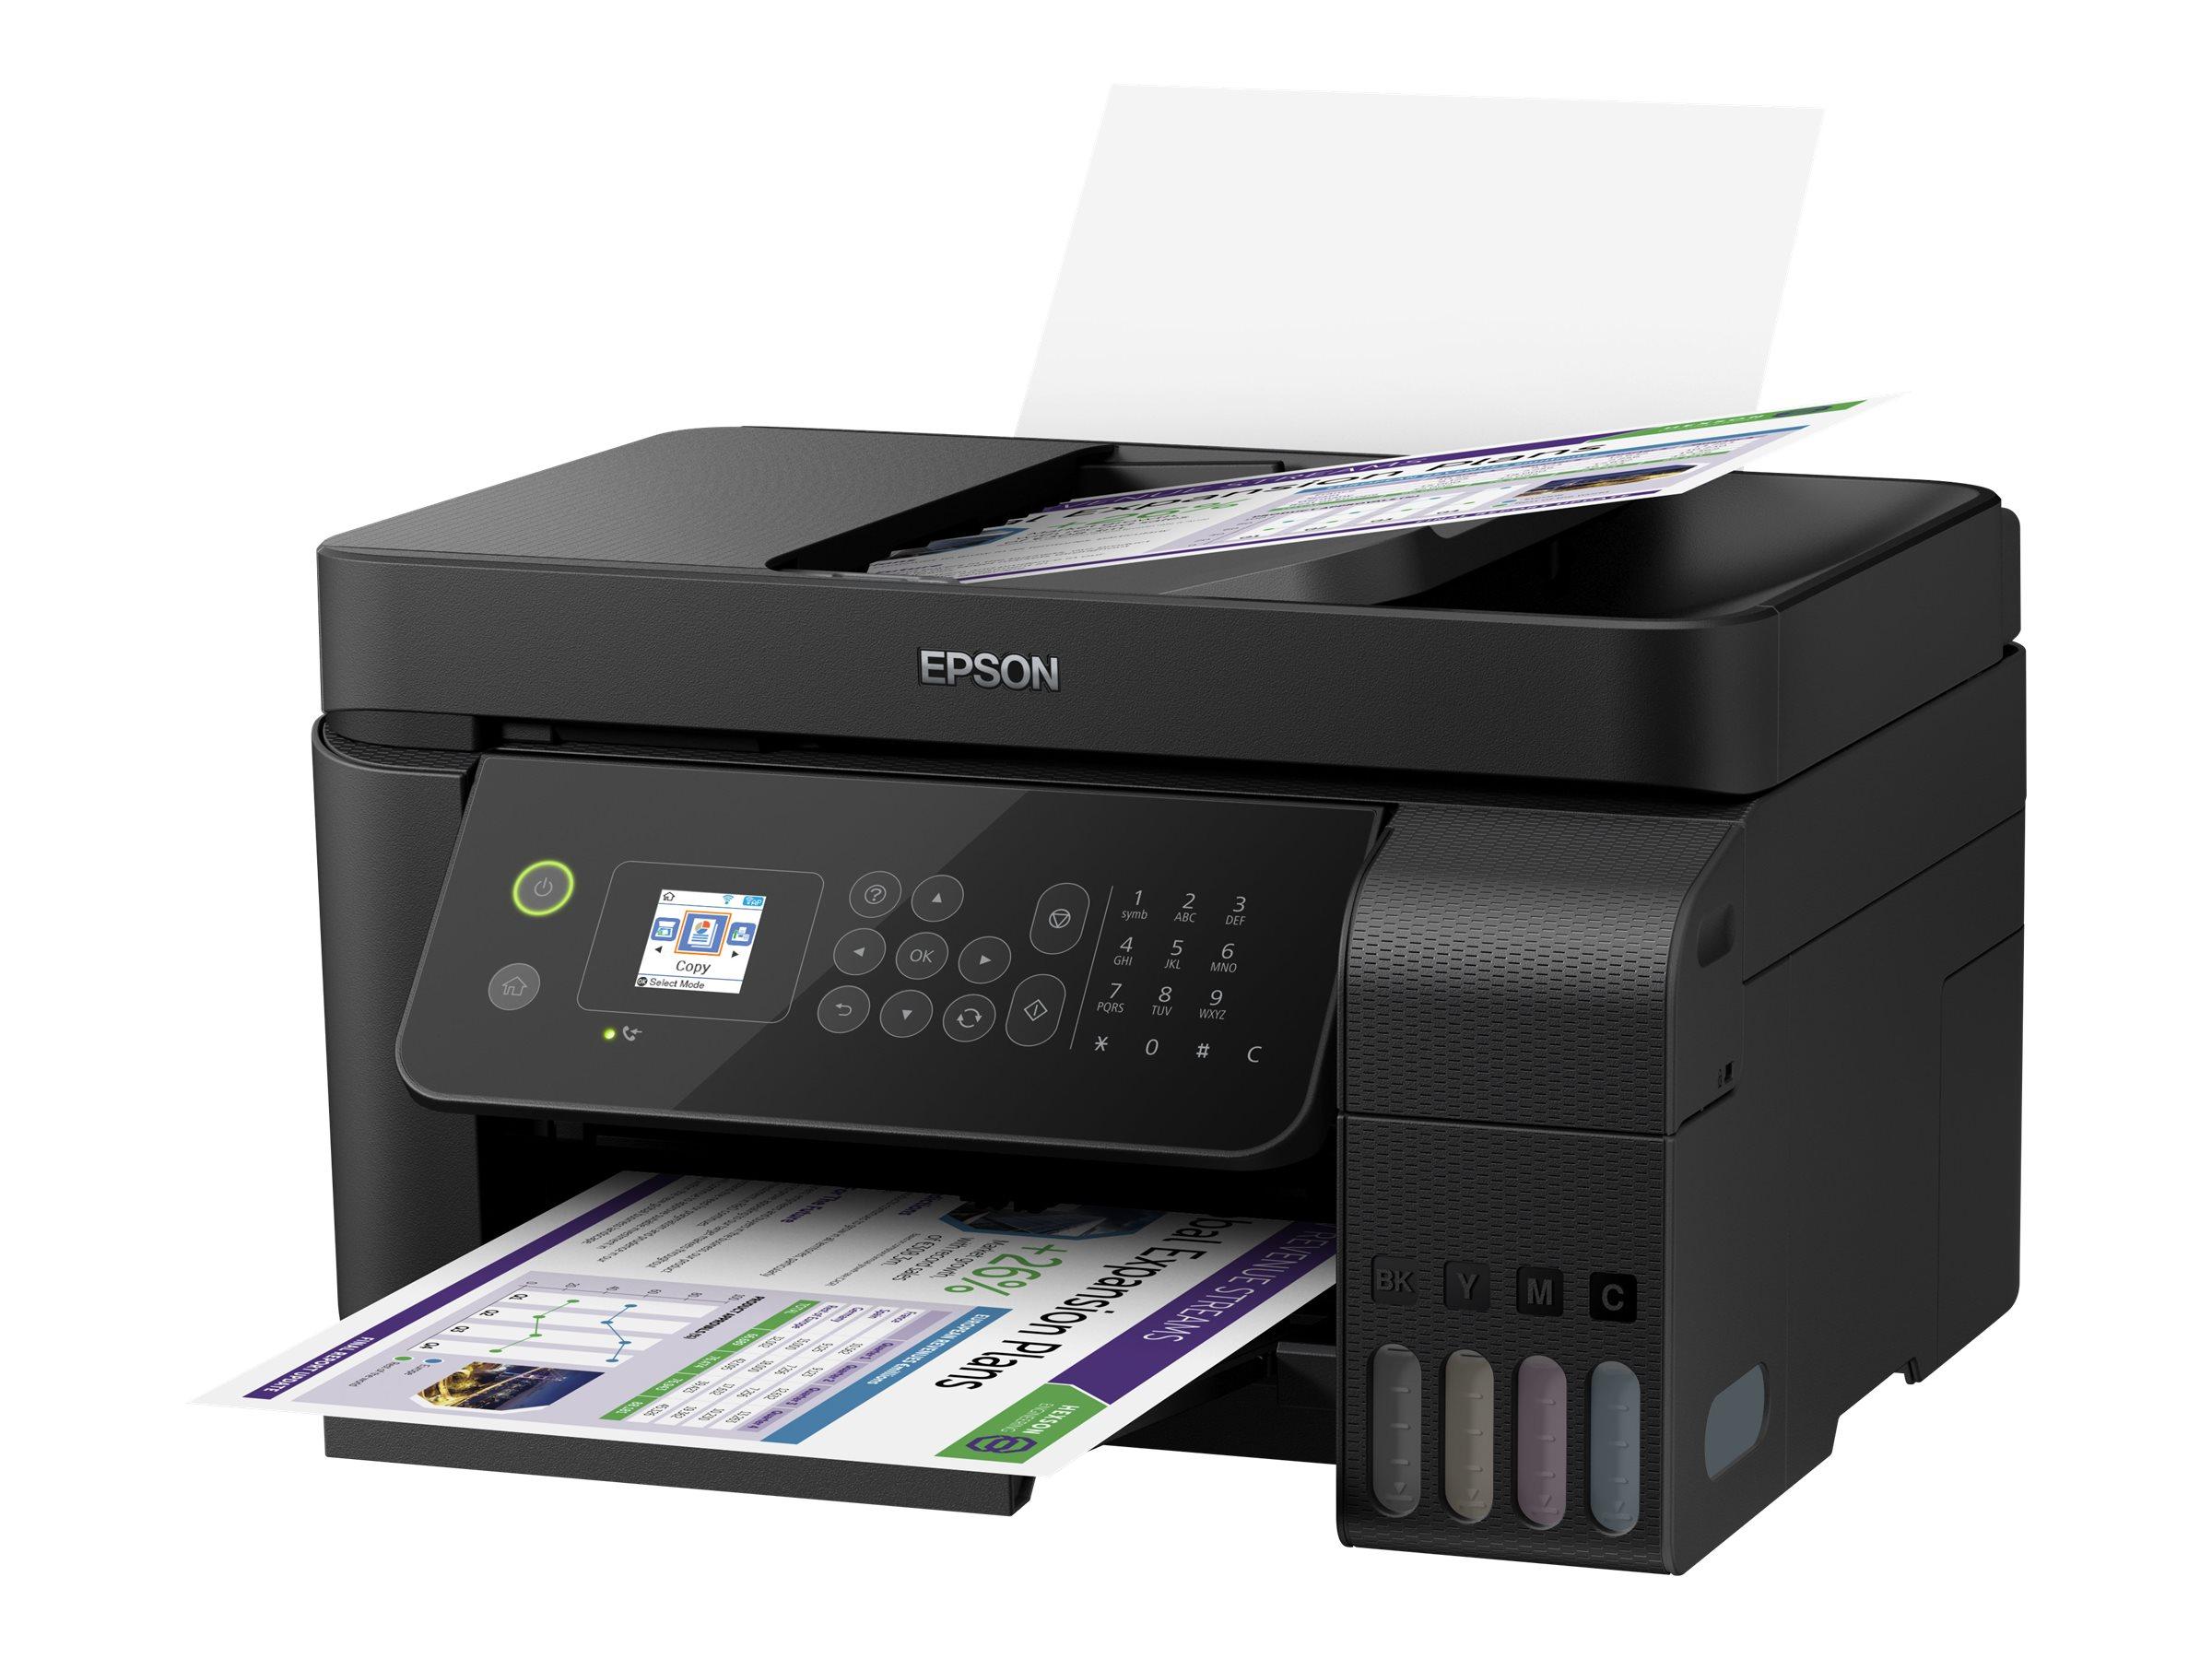 Epson EcoTank ET-4700 - Multifunktionsdrucker - Farbe - Tintenstrahl - A4/Legal (Medien) - bis zu 10 Seiten/Min. (Drucken)